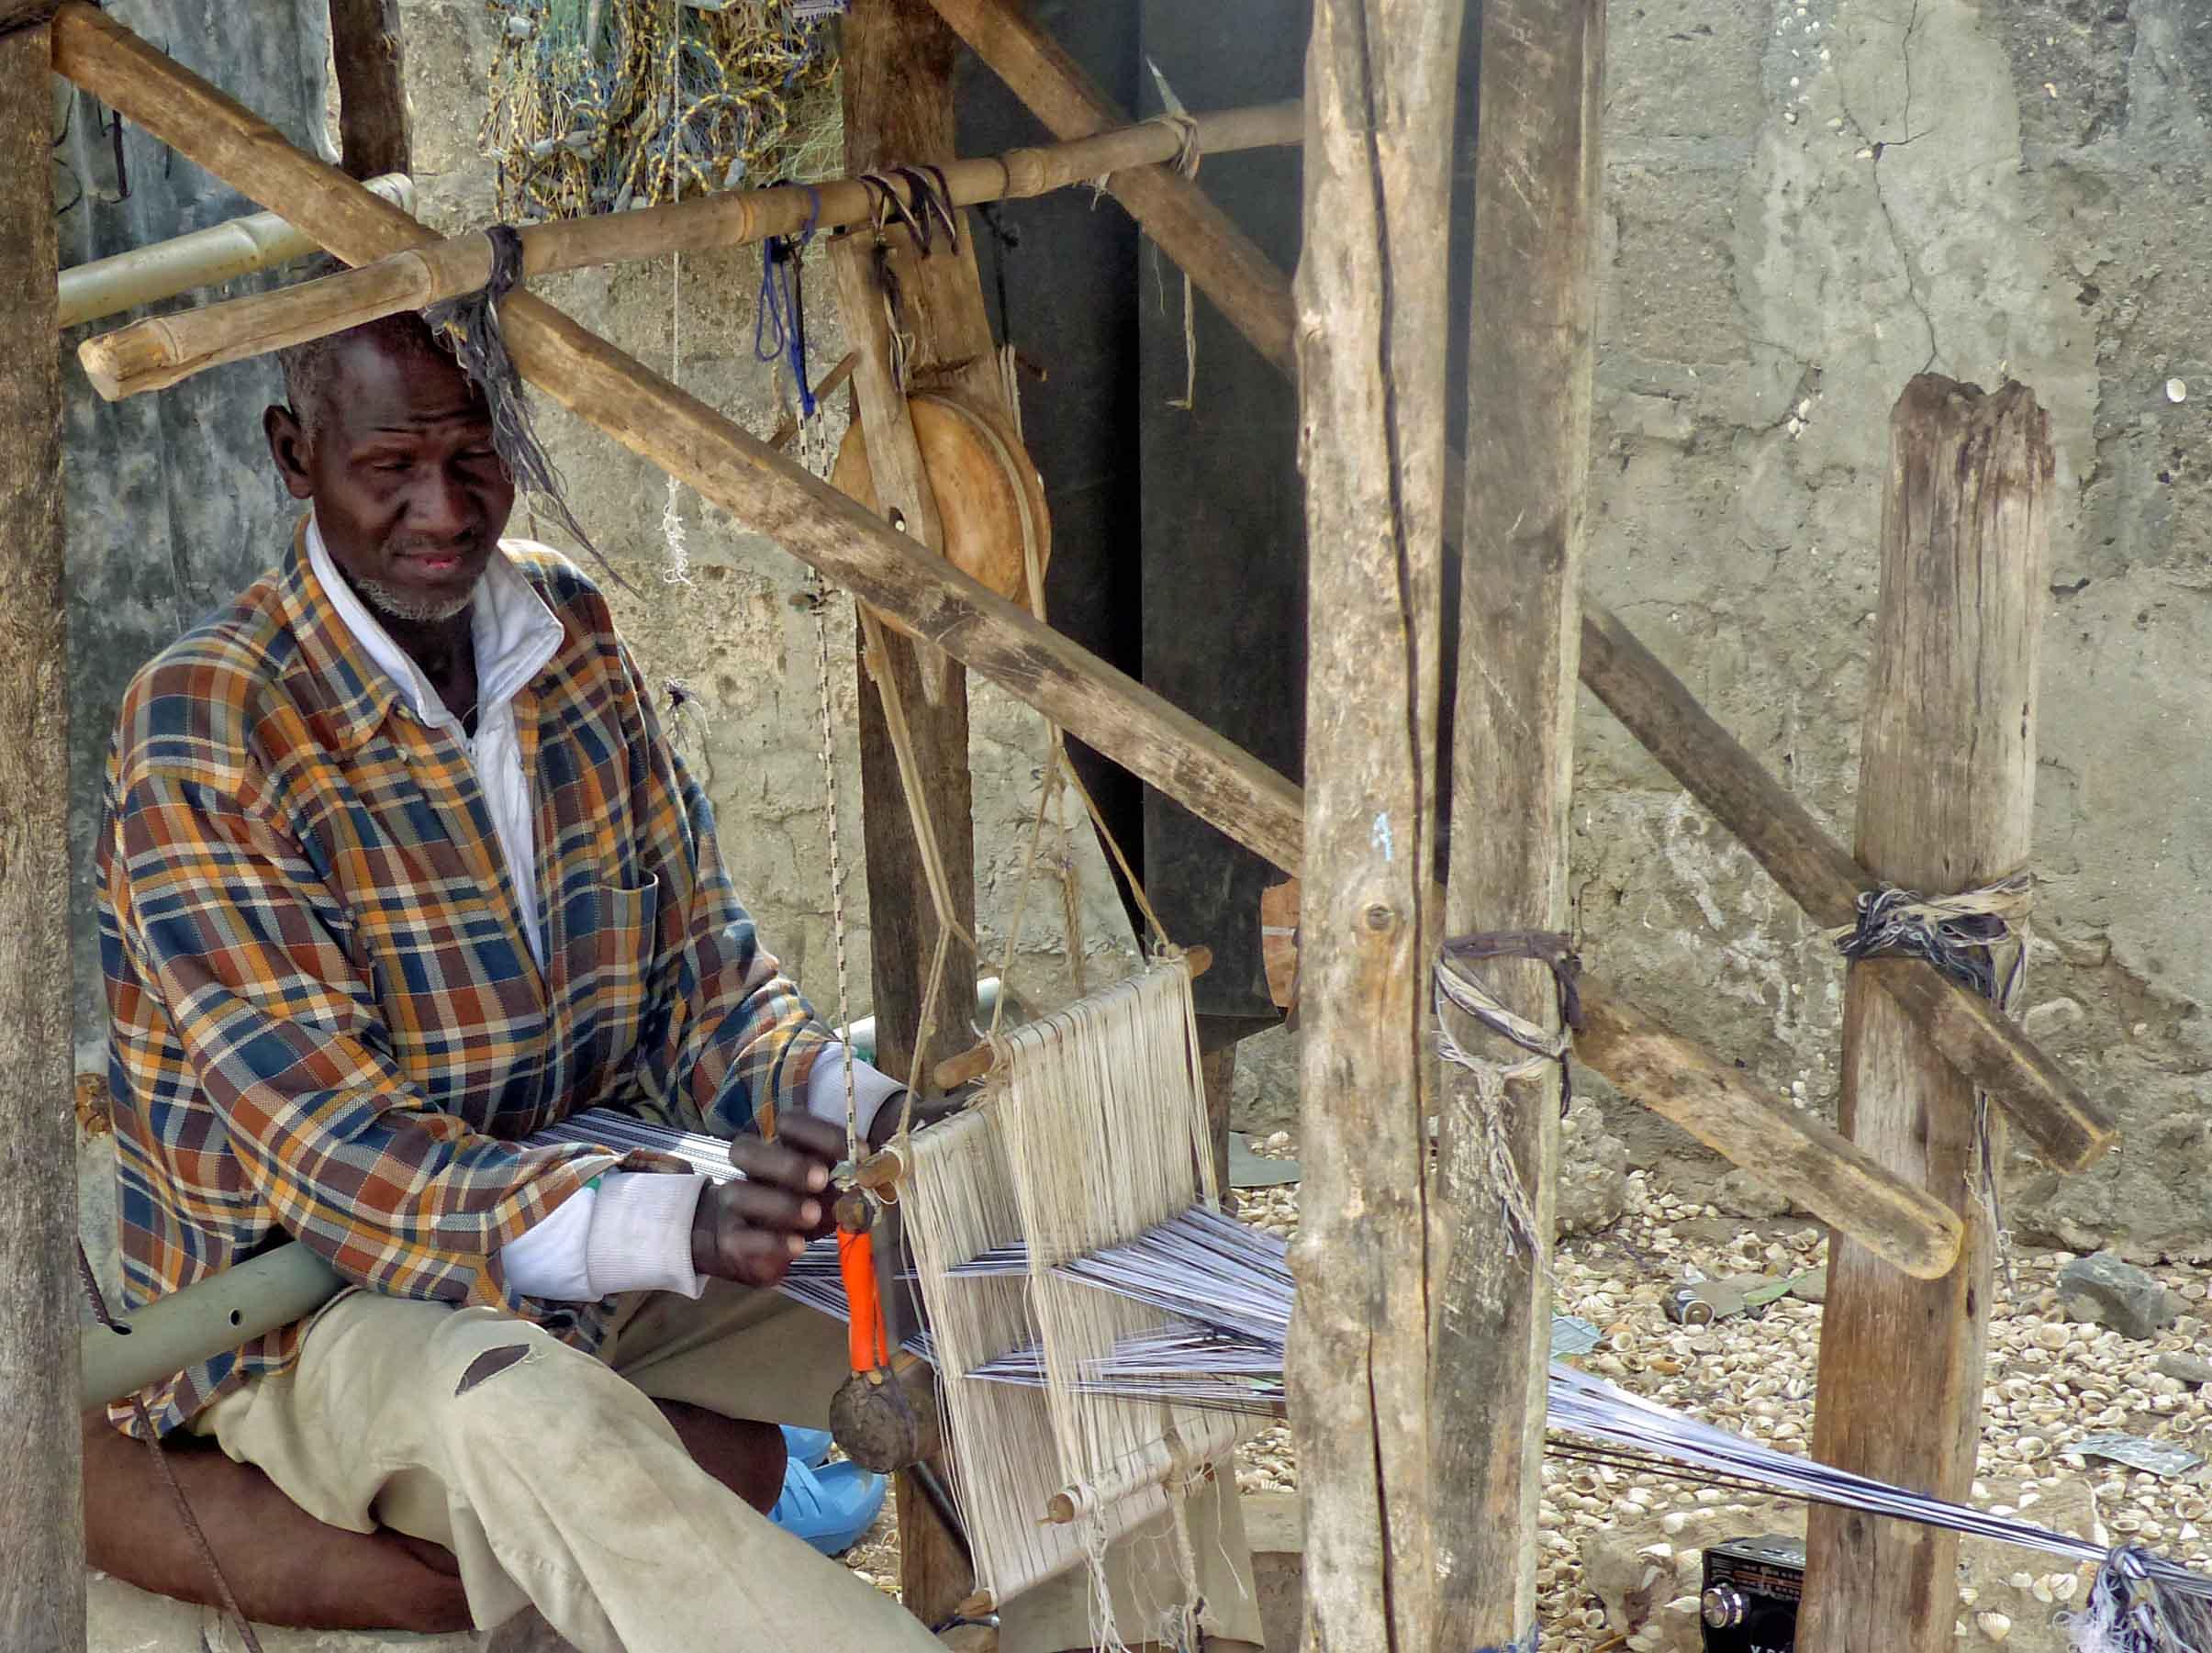 Man weaving on simple loom